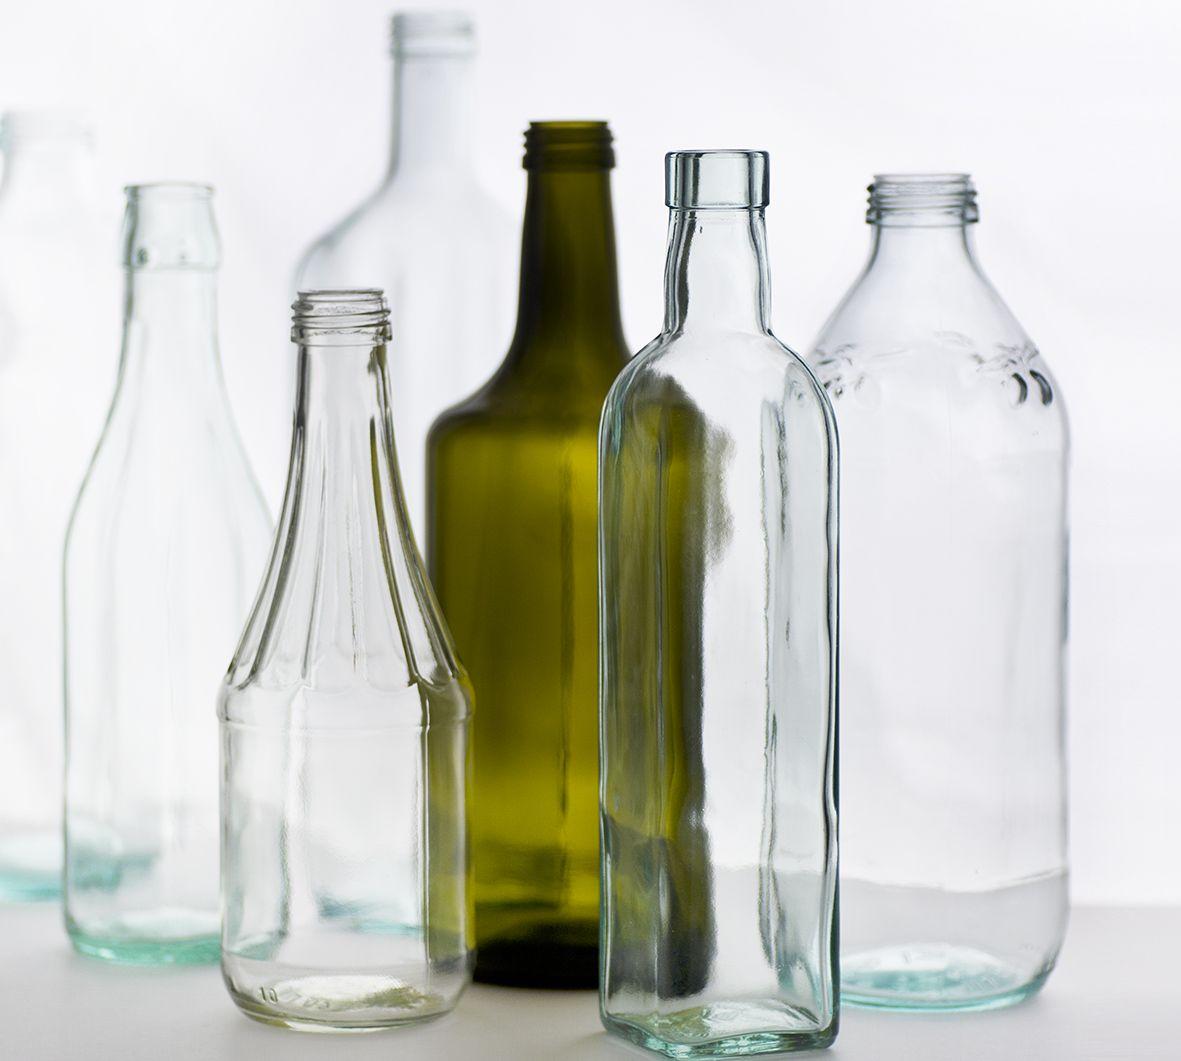 Bottiglie vetro imbottigliamento - Bottiglie vetro decorate ...